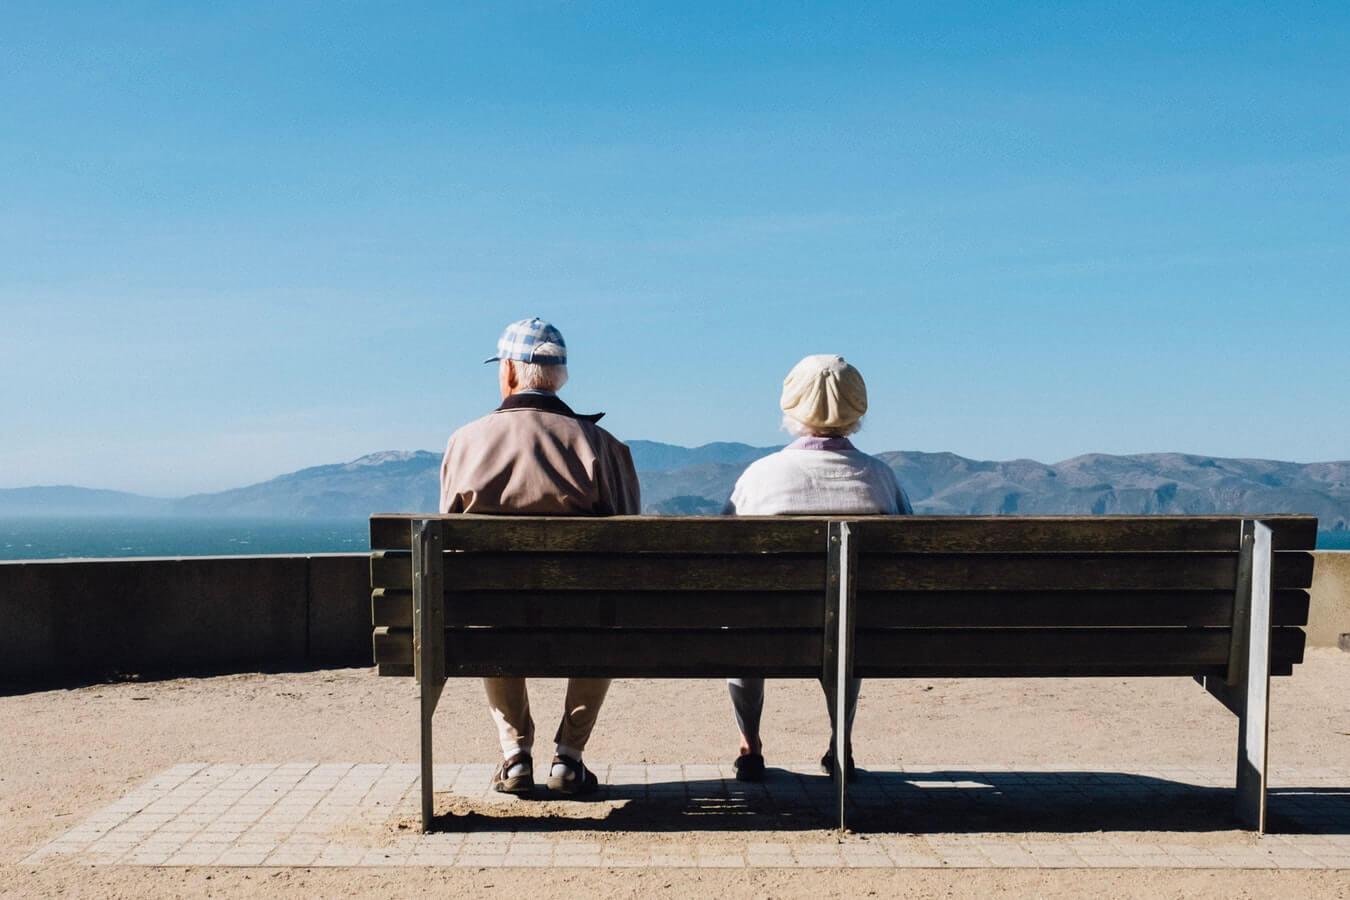 香港年金計劃︰將退休後的 MPF 轉為年金自製長糧化不化算?